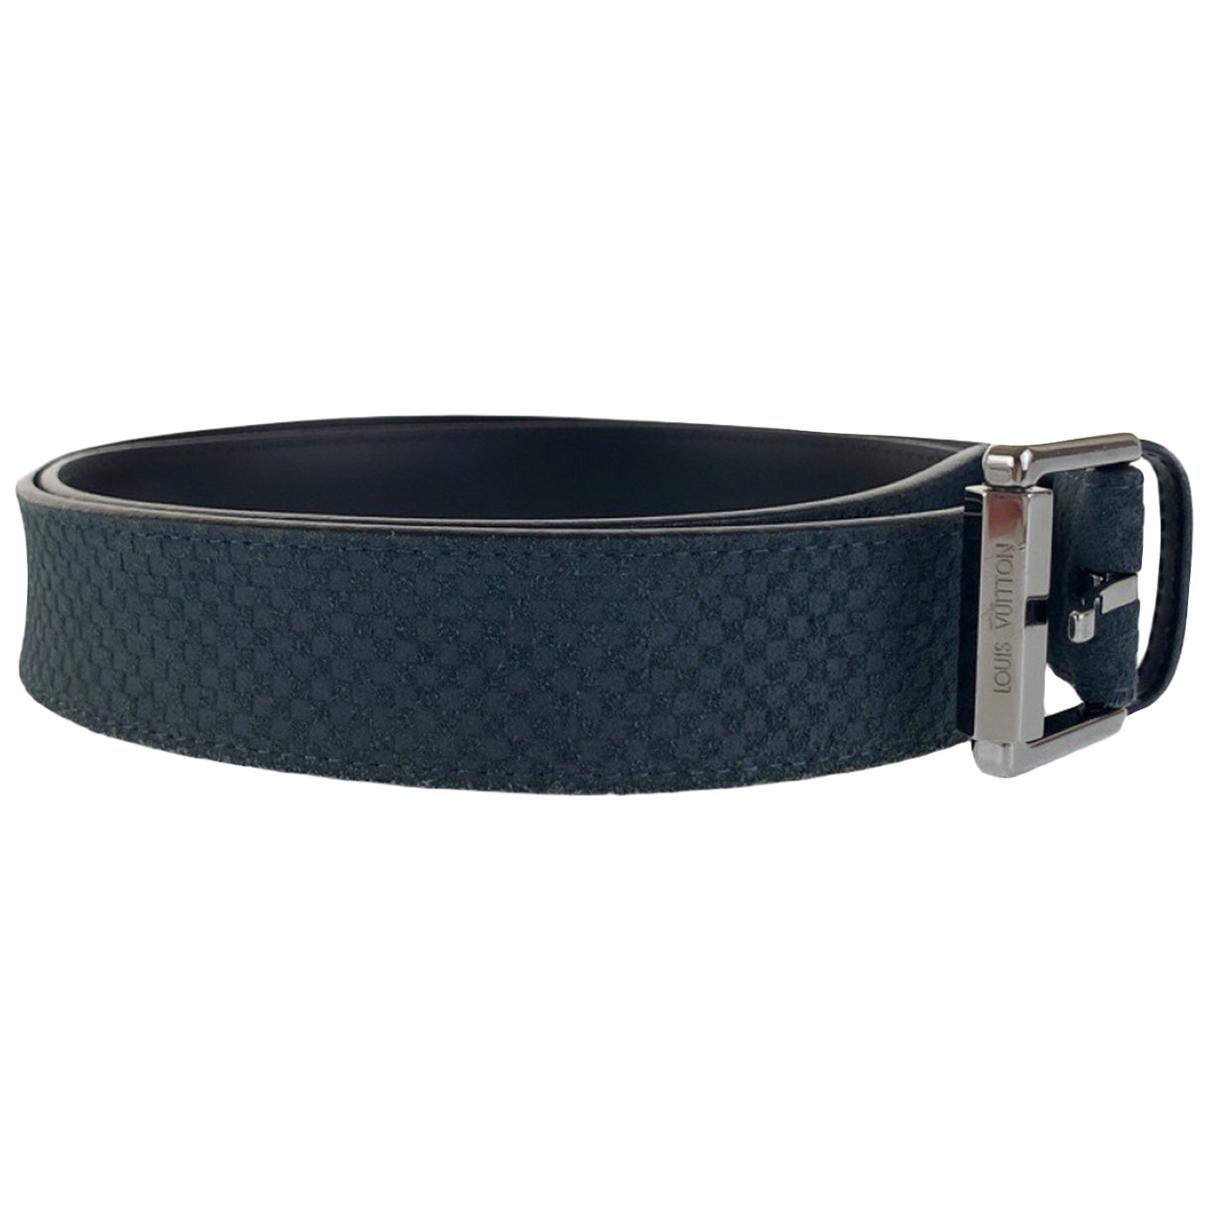 Cinturon Louis Vuitton